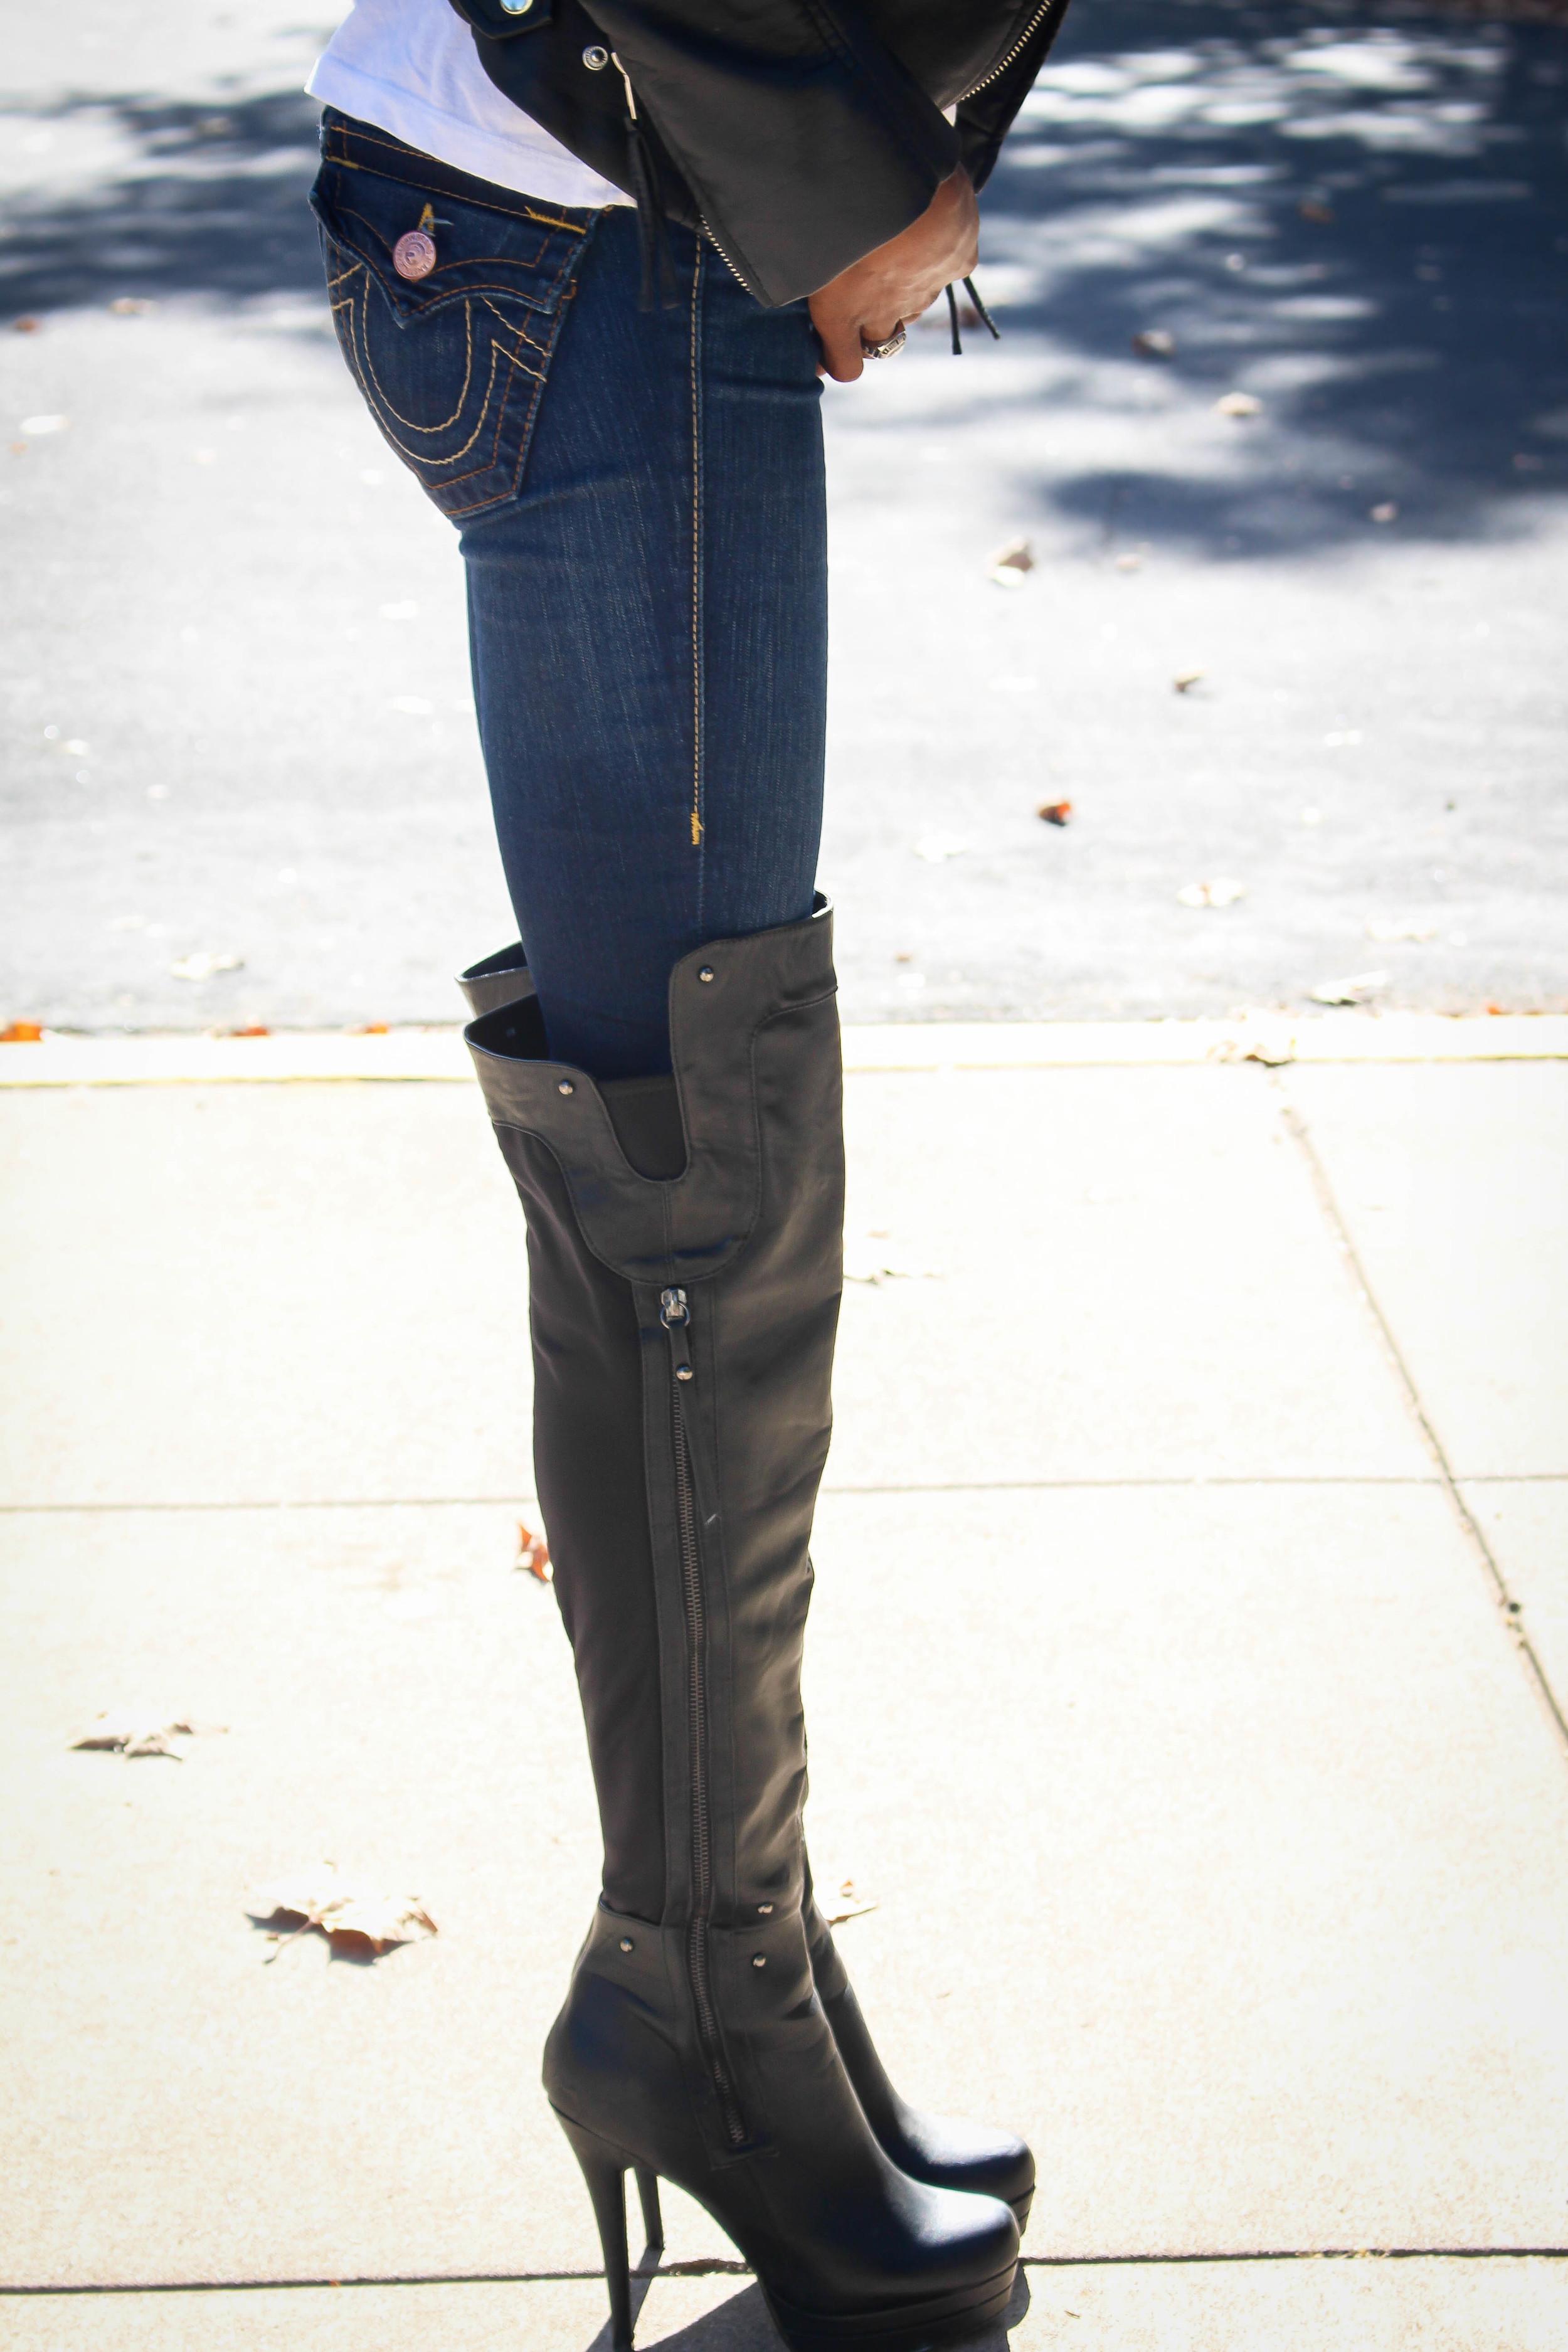 Thigh High | Nikki's Haven